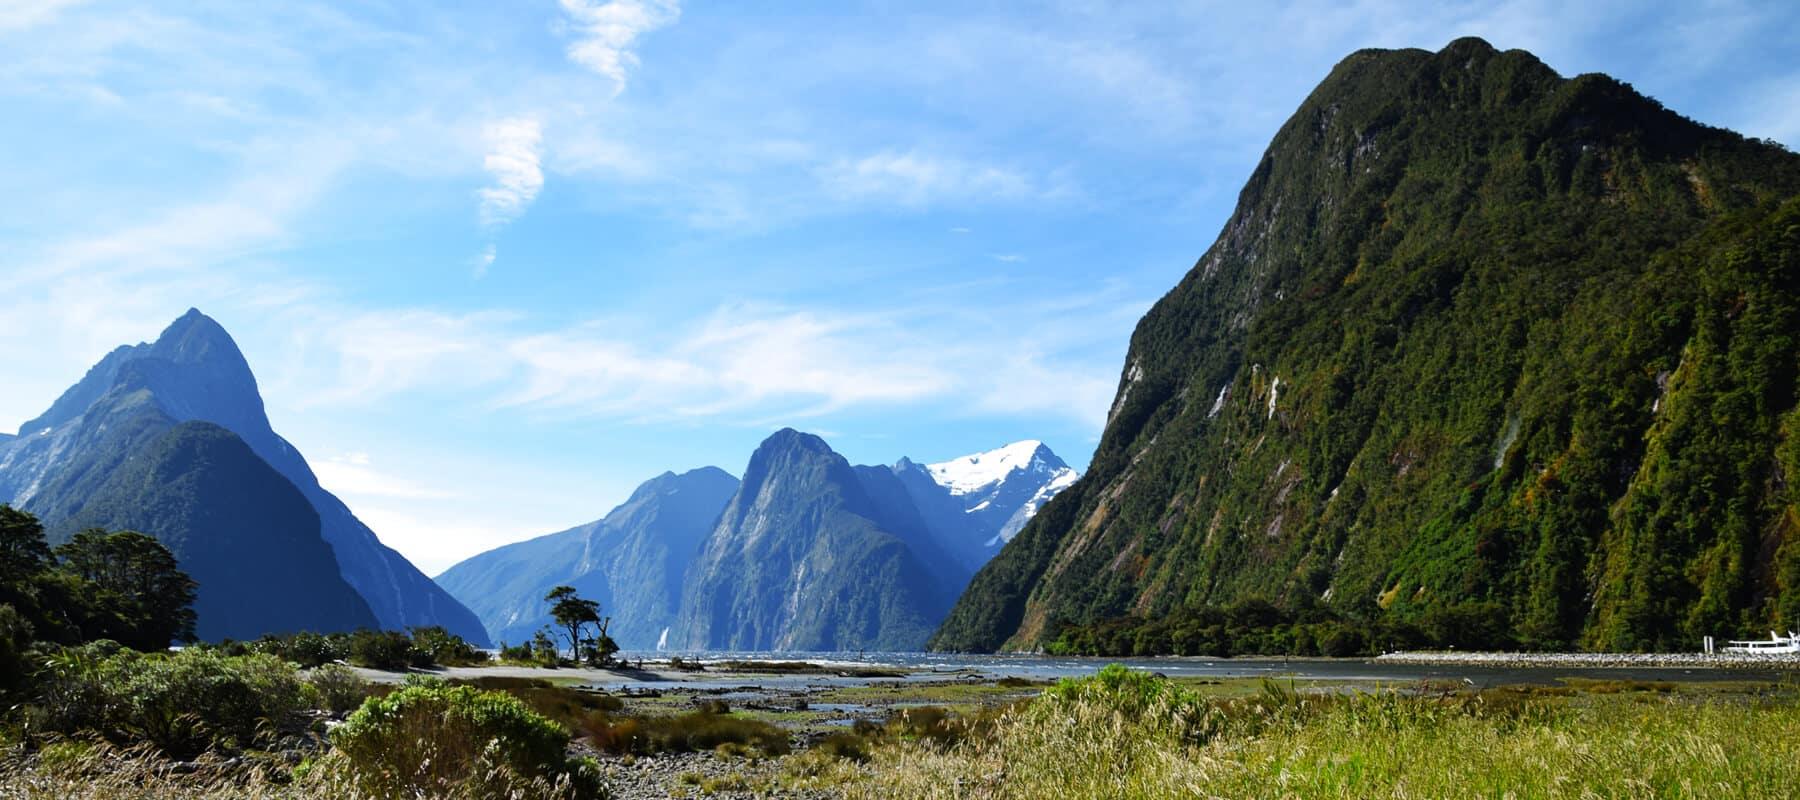 Milford sound: croisière dans le fjord